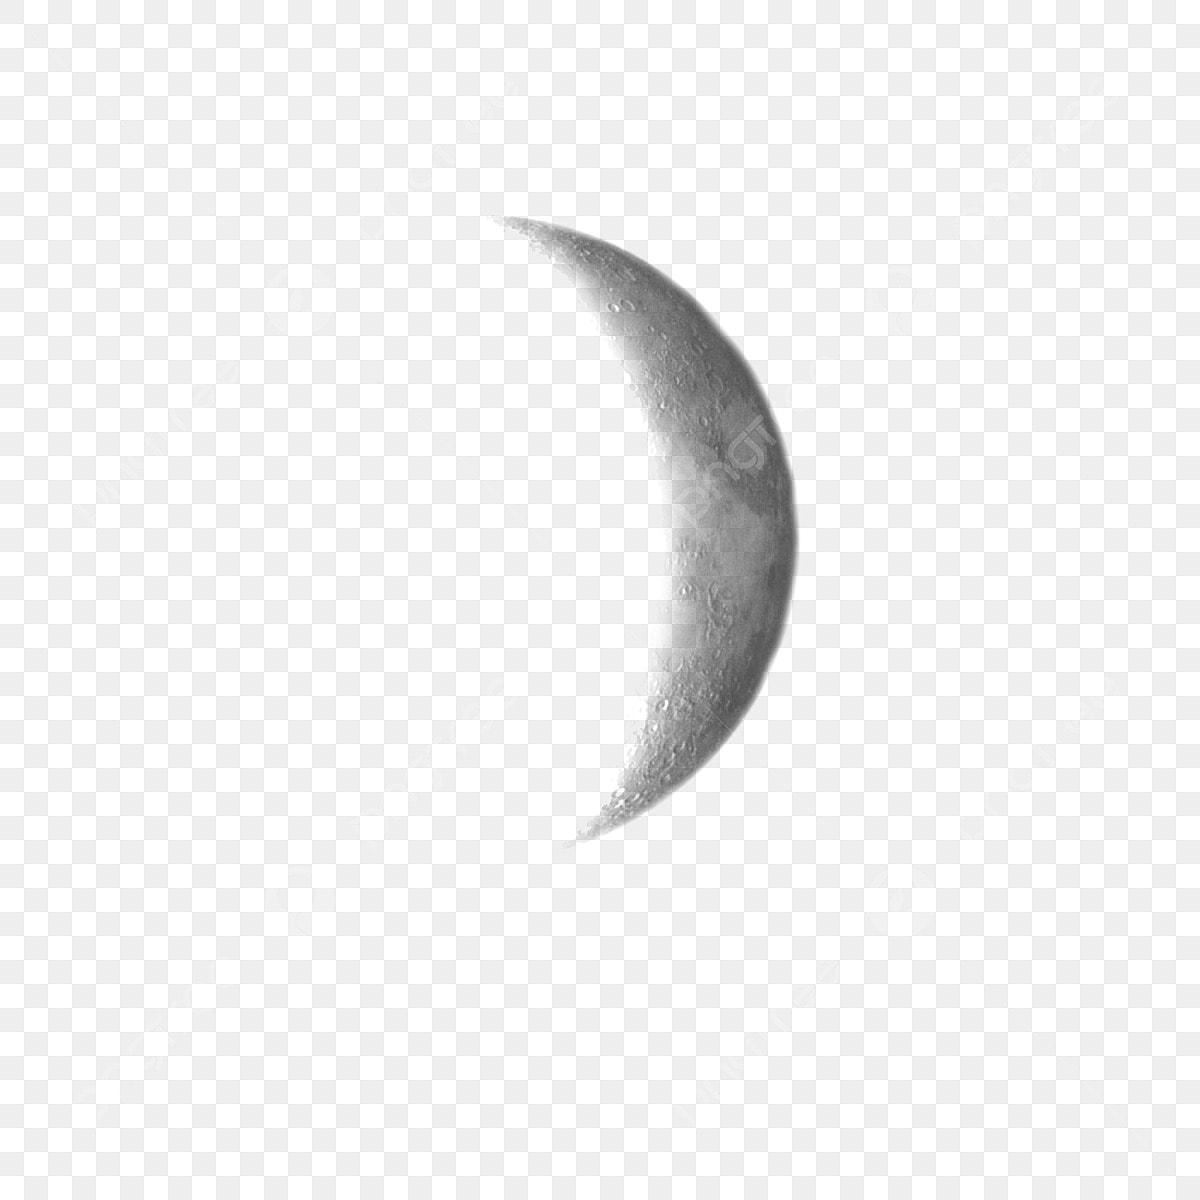 Half Moon Png Clipart Transparent Picsart Moon Png Clipart